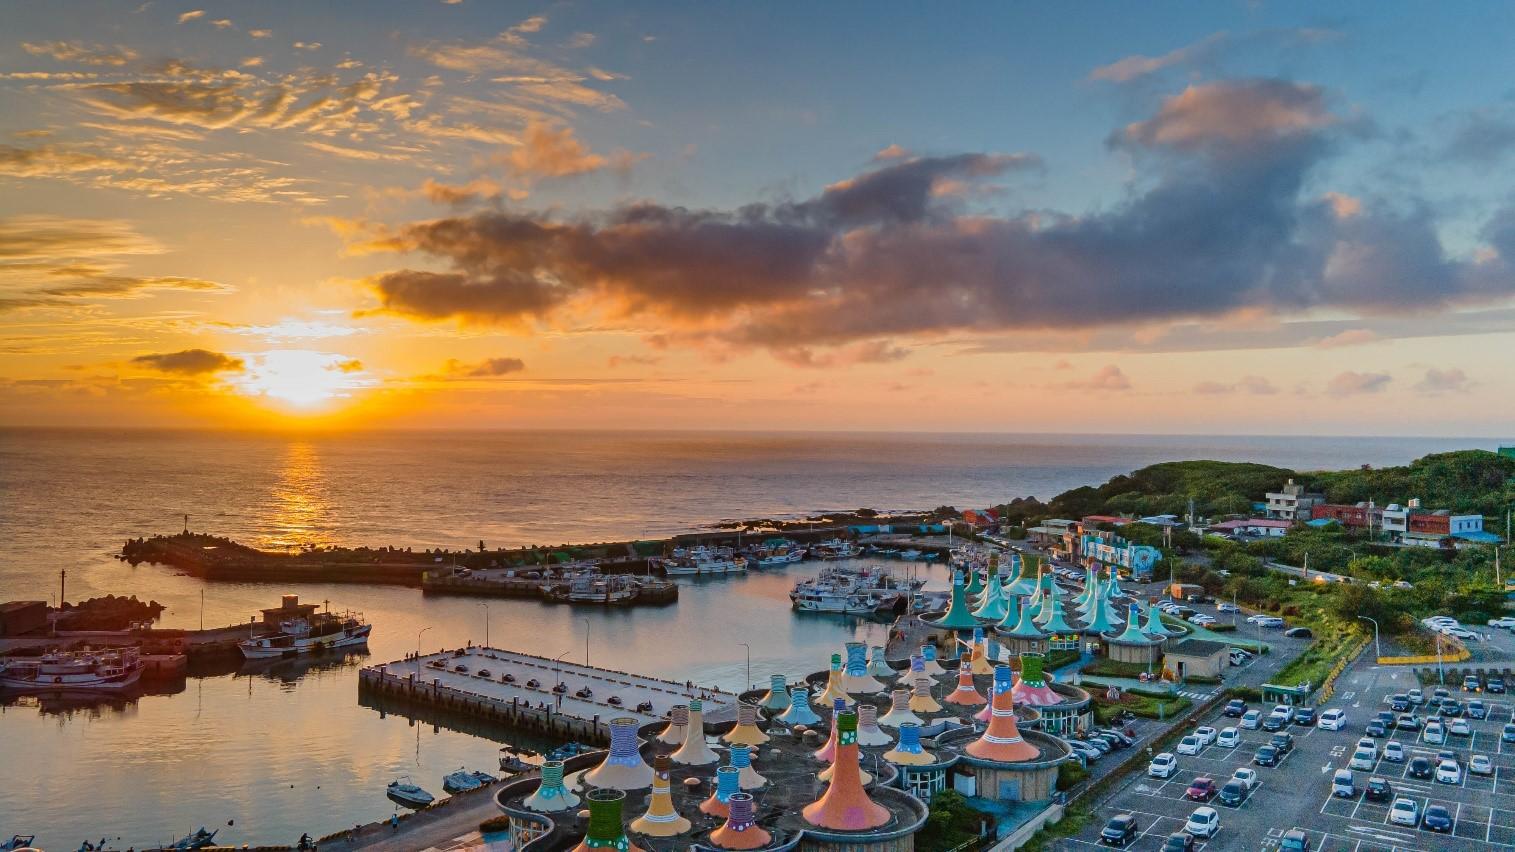 富基漁港的夕陽配上顏色分明的魚市墨西哥帽造型,絕對是一個超棒的打卡秘境(圖片來源:新北市政府漁業及漁港事業管理處)